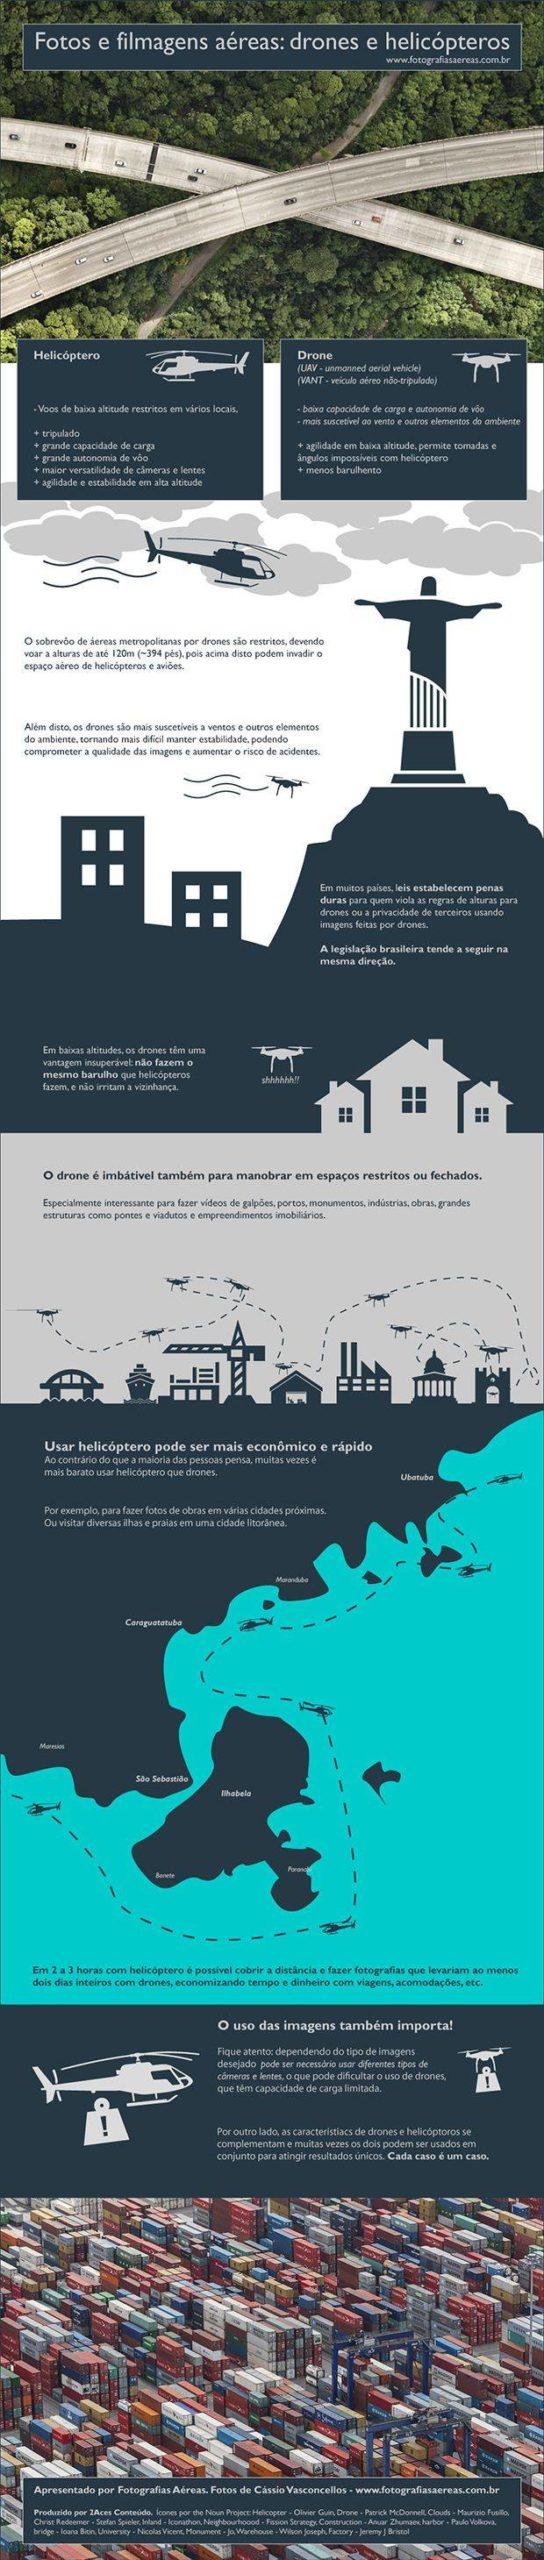 Infográfico Drones e Helicópteros para imagens aéreas.